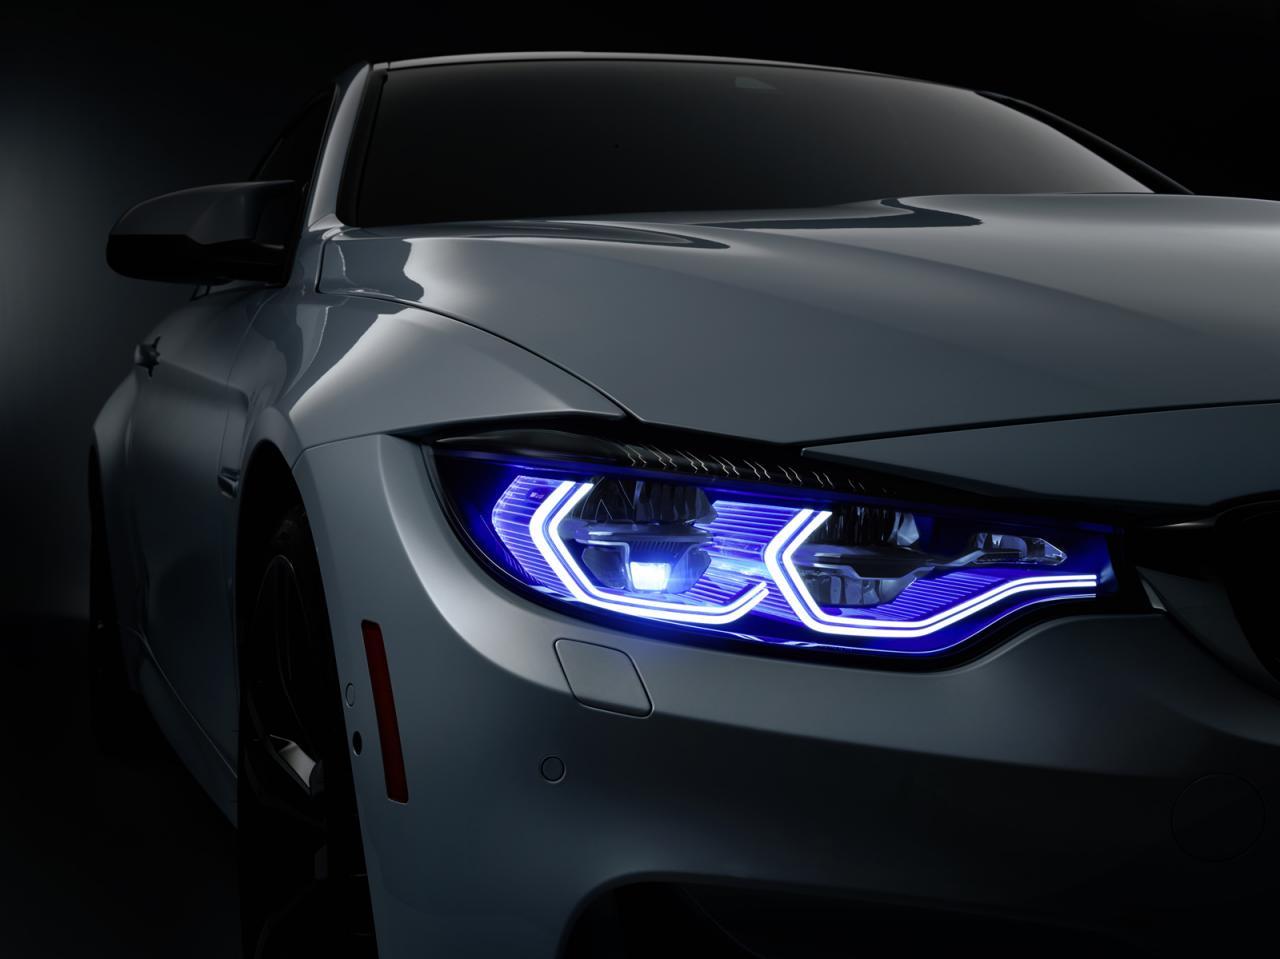 BMW M4 Concept Iconic Lights, brutal y anticipándonos el futuro próximo 3